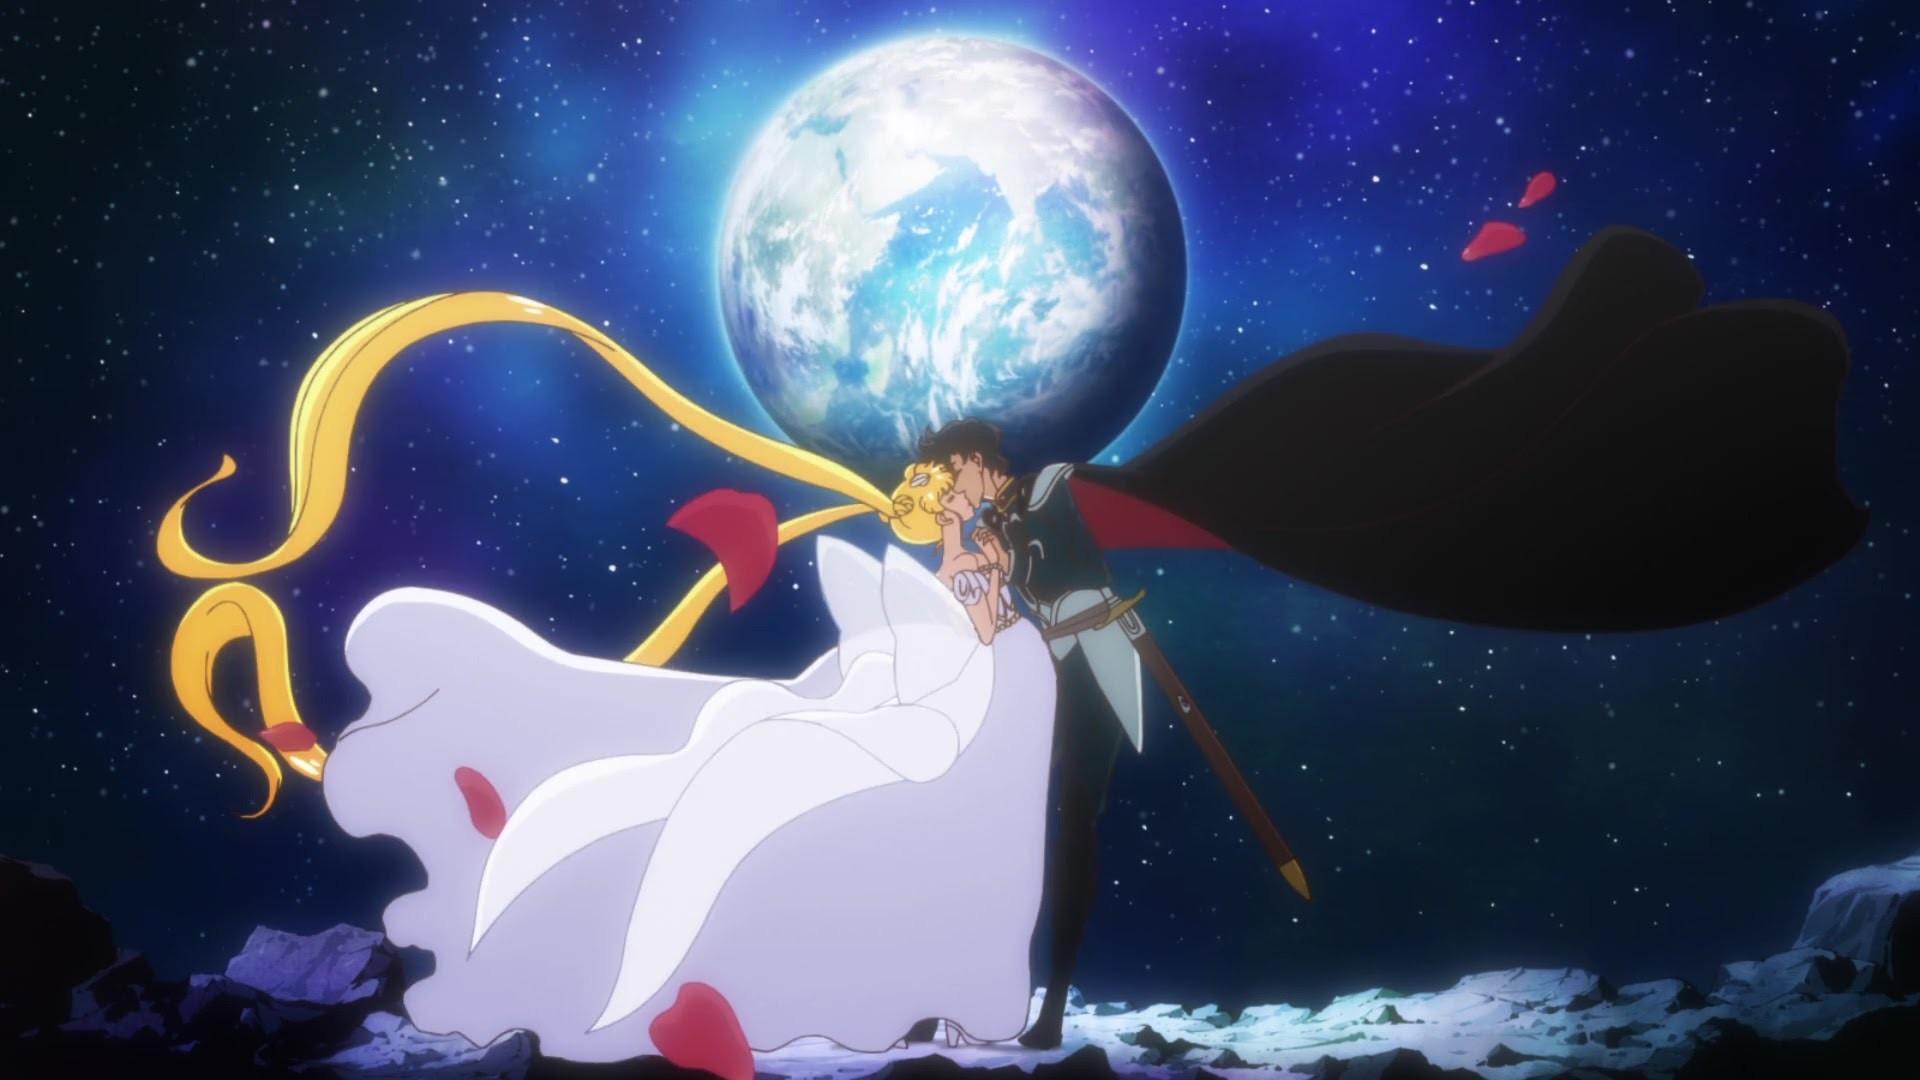 Sailor Moon Hd Wallpaper 1920x1080 73 Images